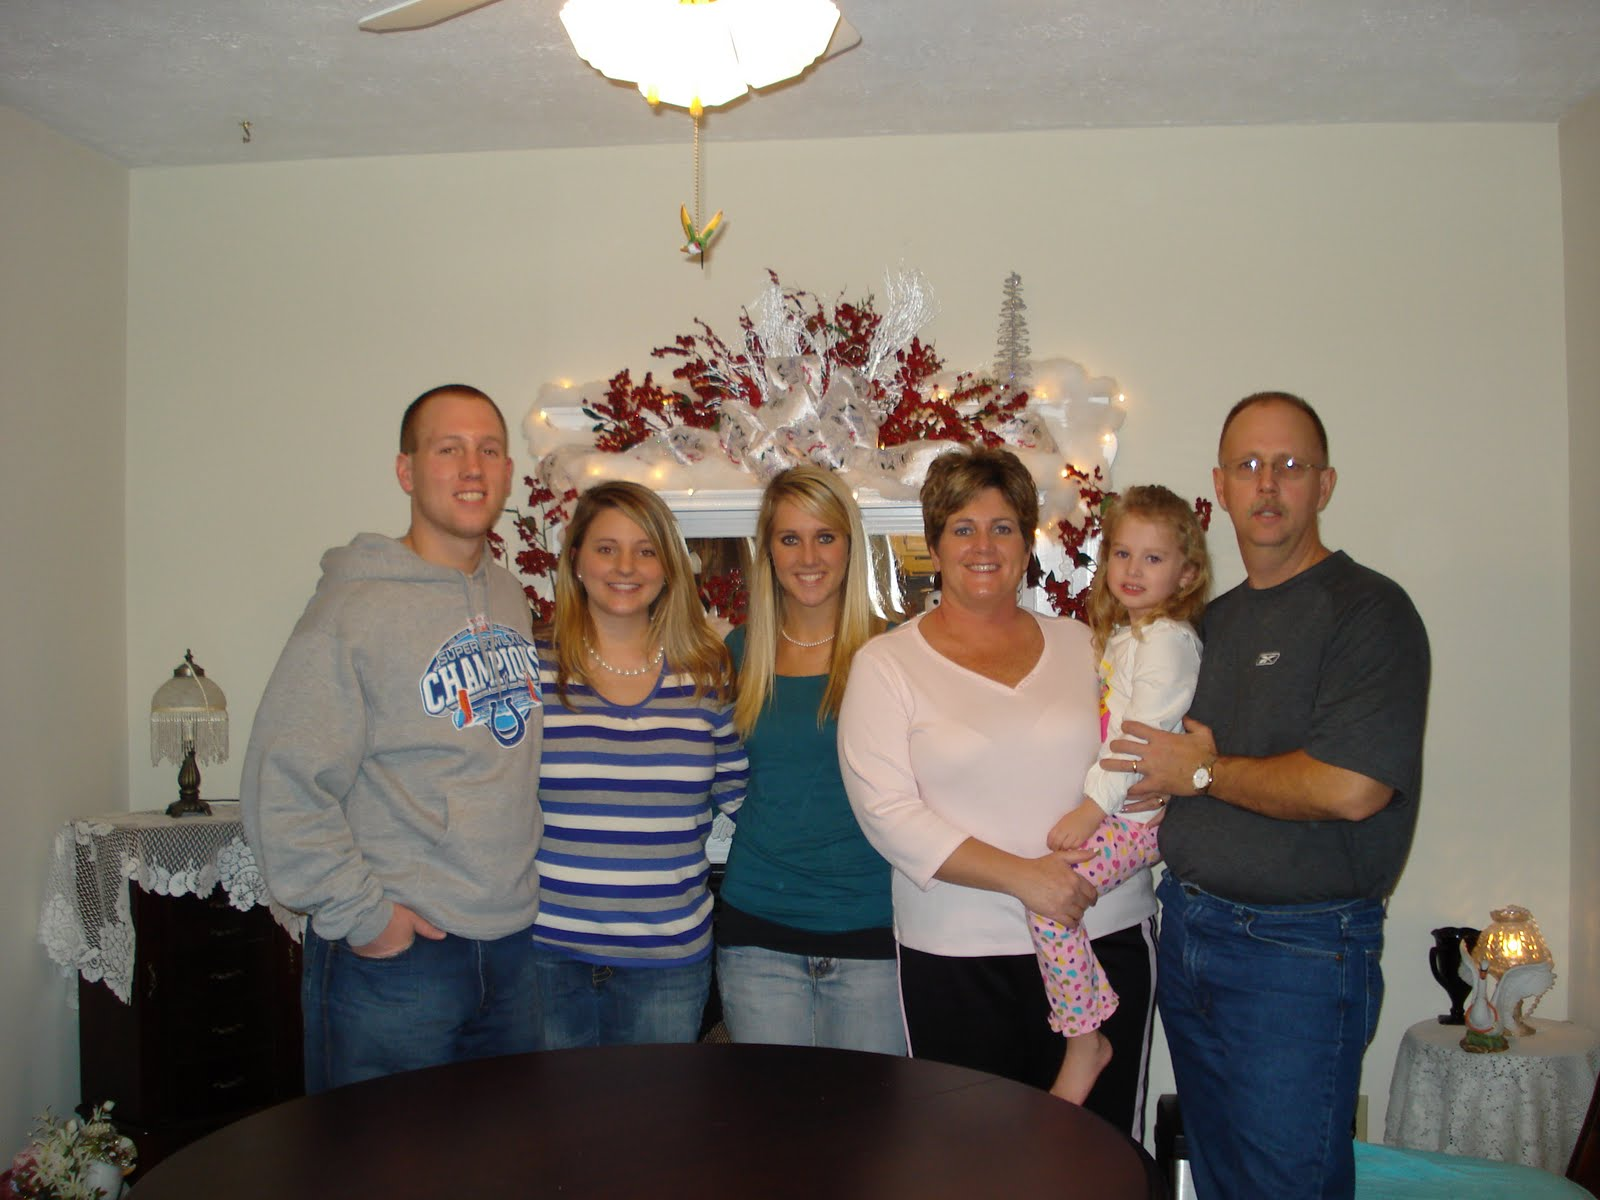 http://4.bp.blogspot.com/_mfJosUlOLPA/SxMthLJSkSI/AAAAAAAAA54/vtgRowBHTcg/s1600/Christmas+2008+090.jpg